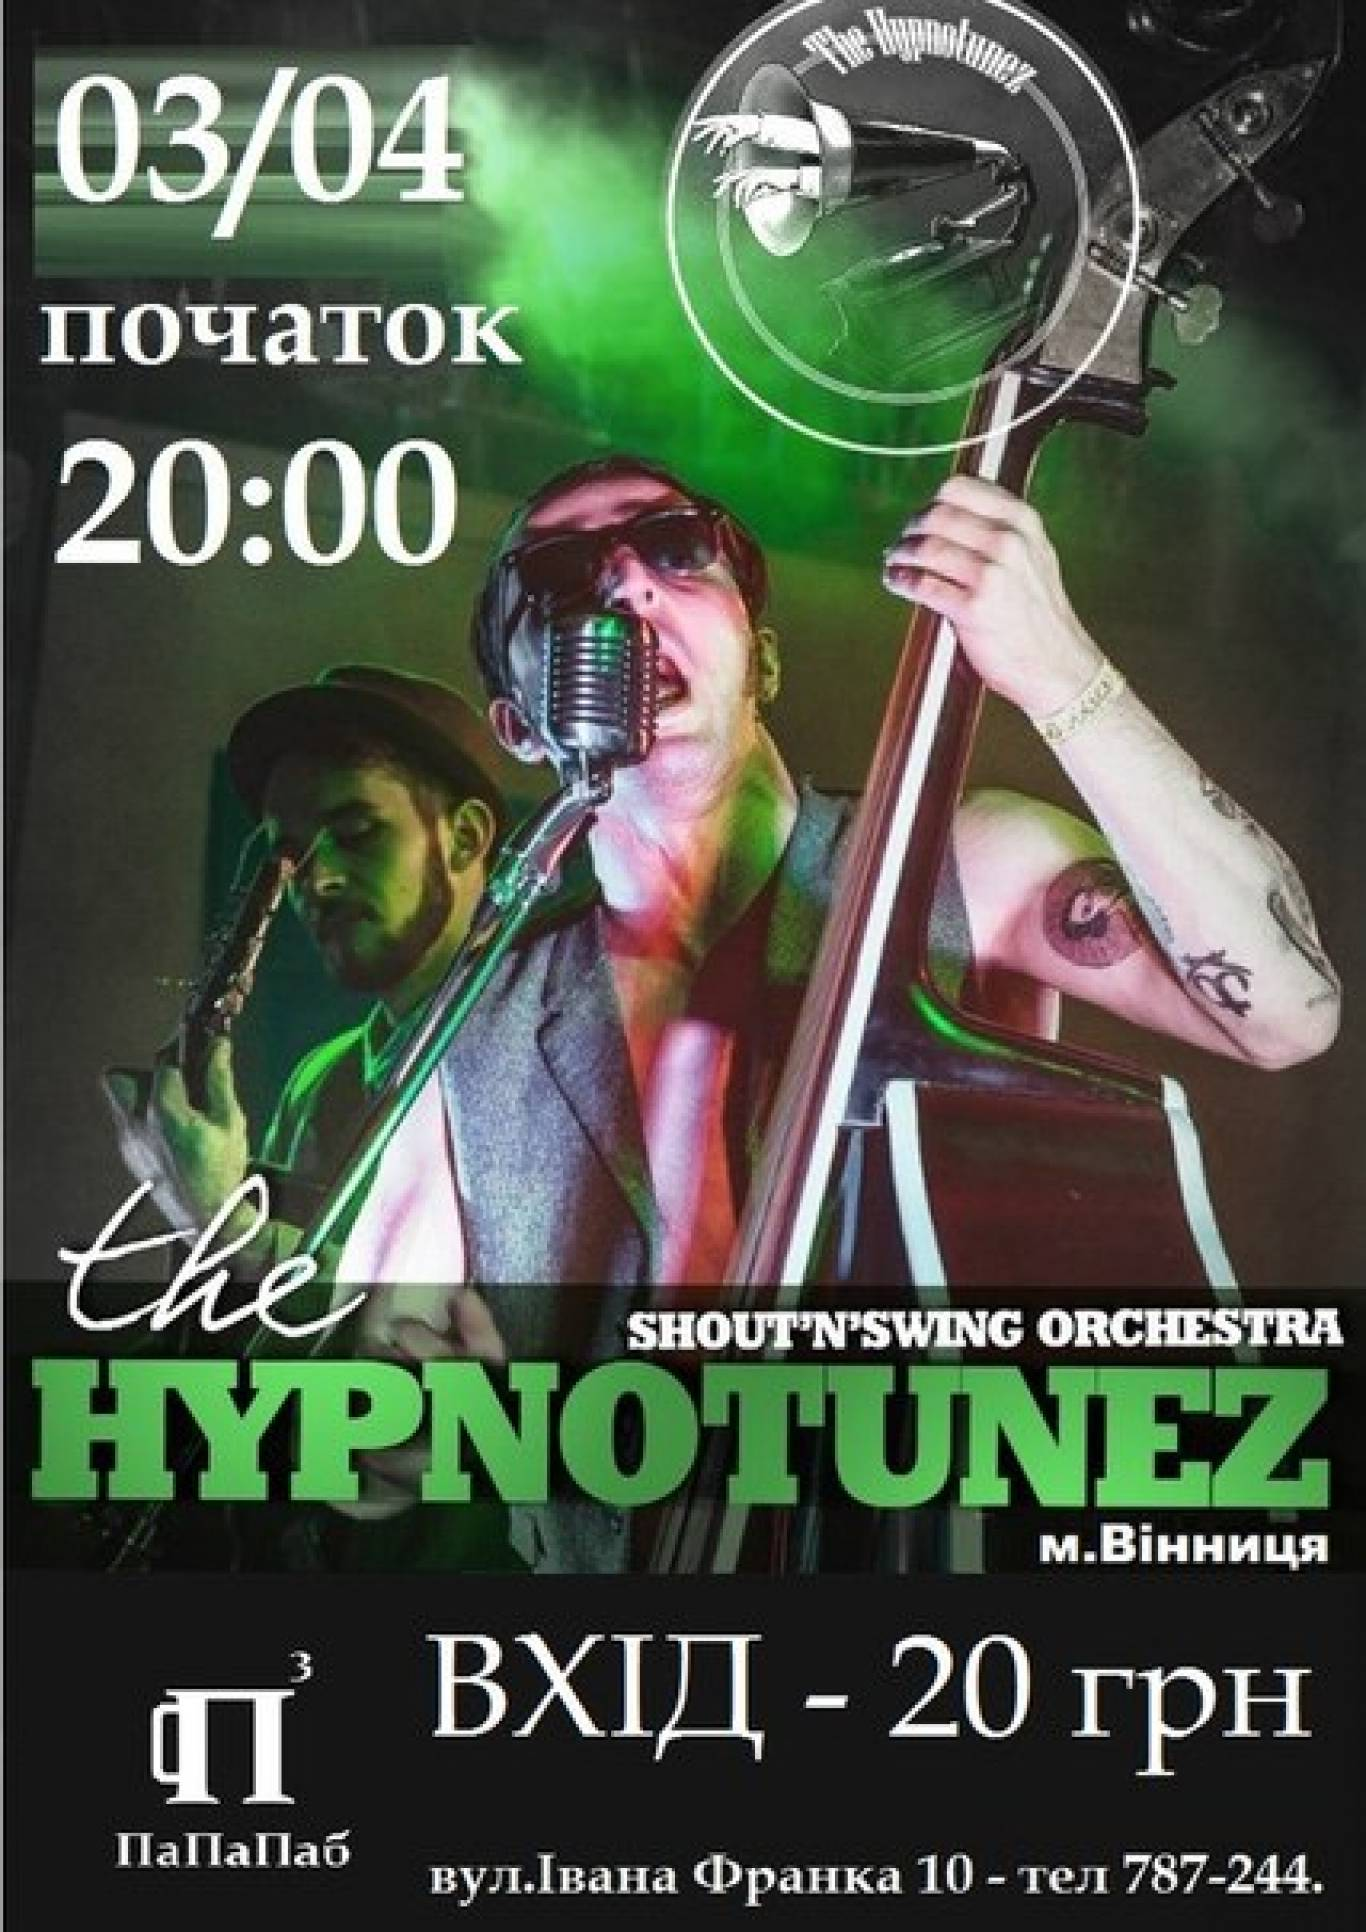 The Hypnotunez